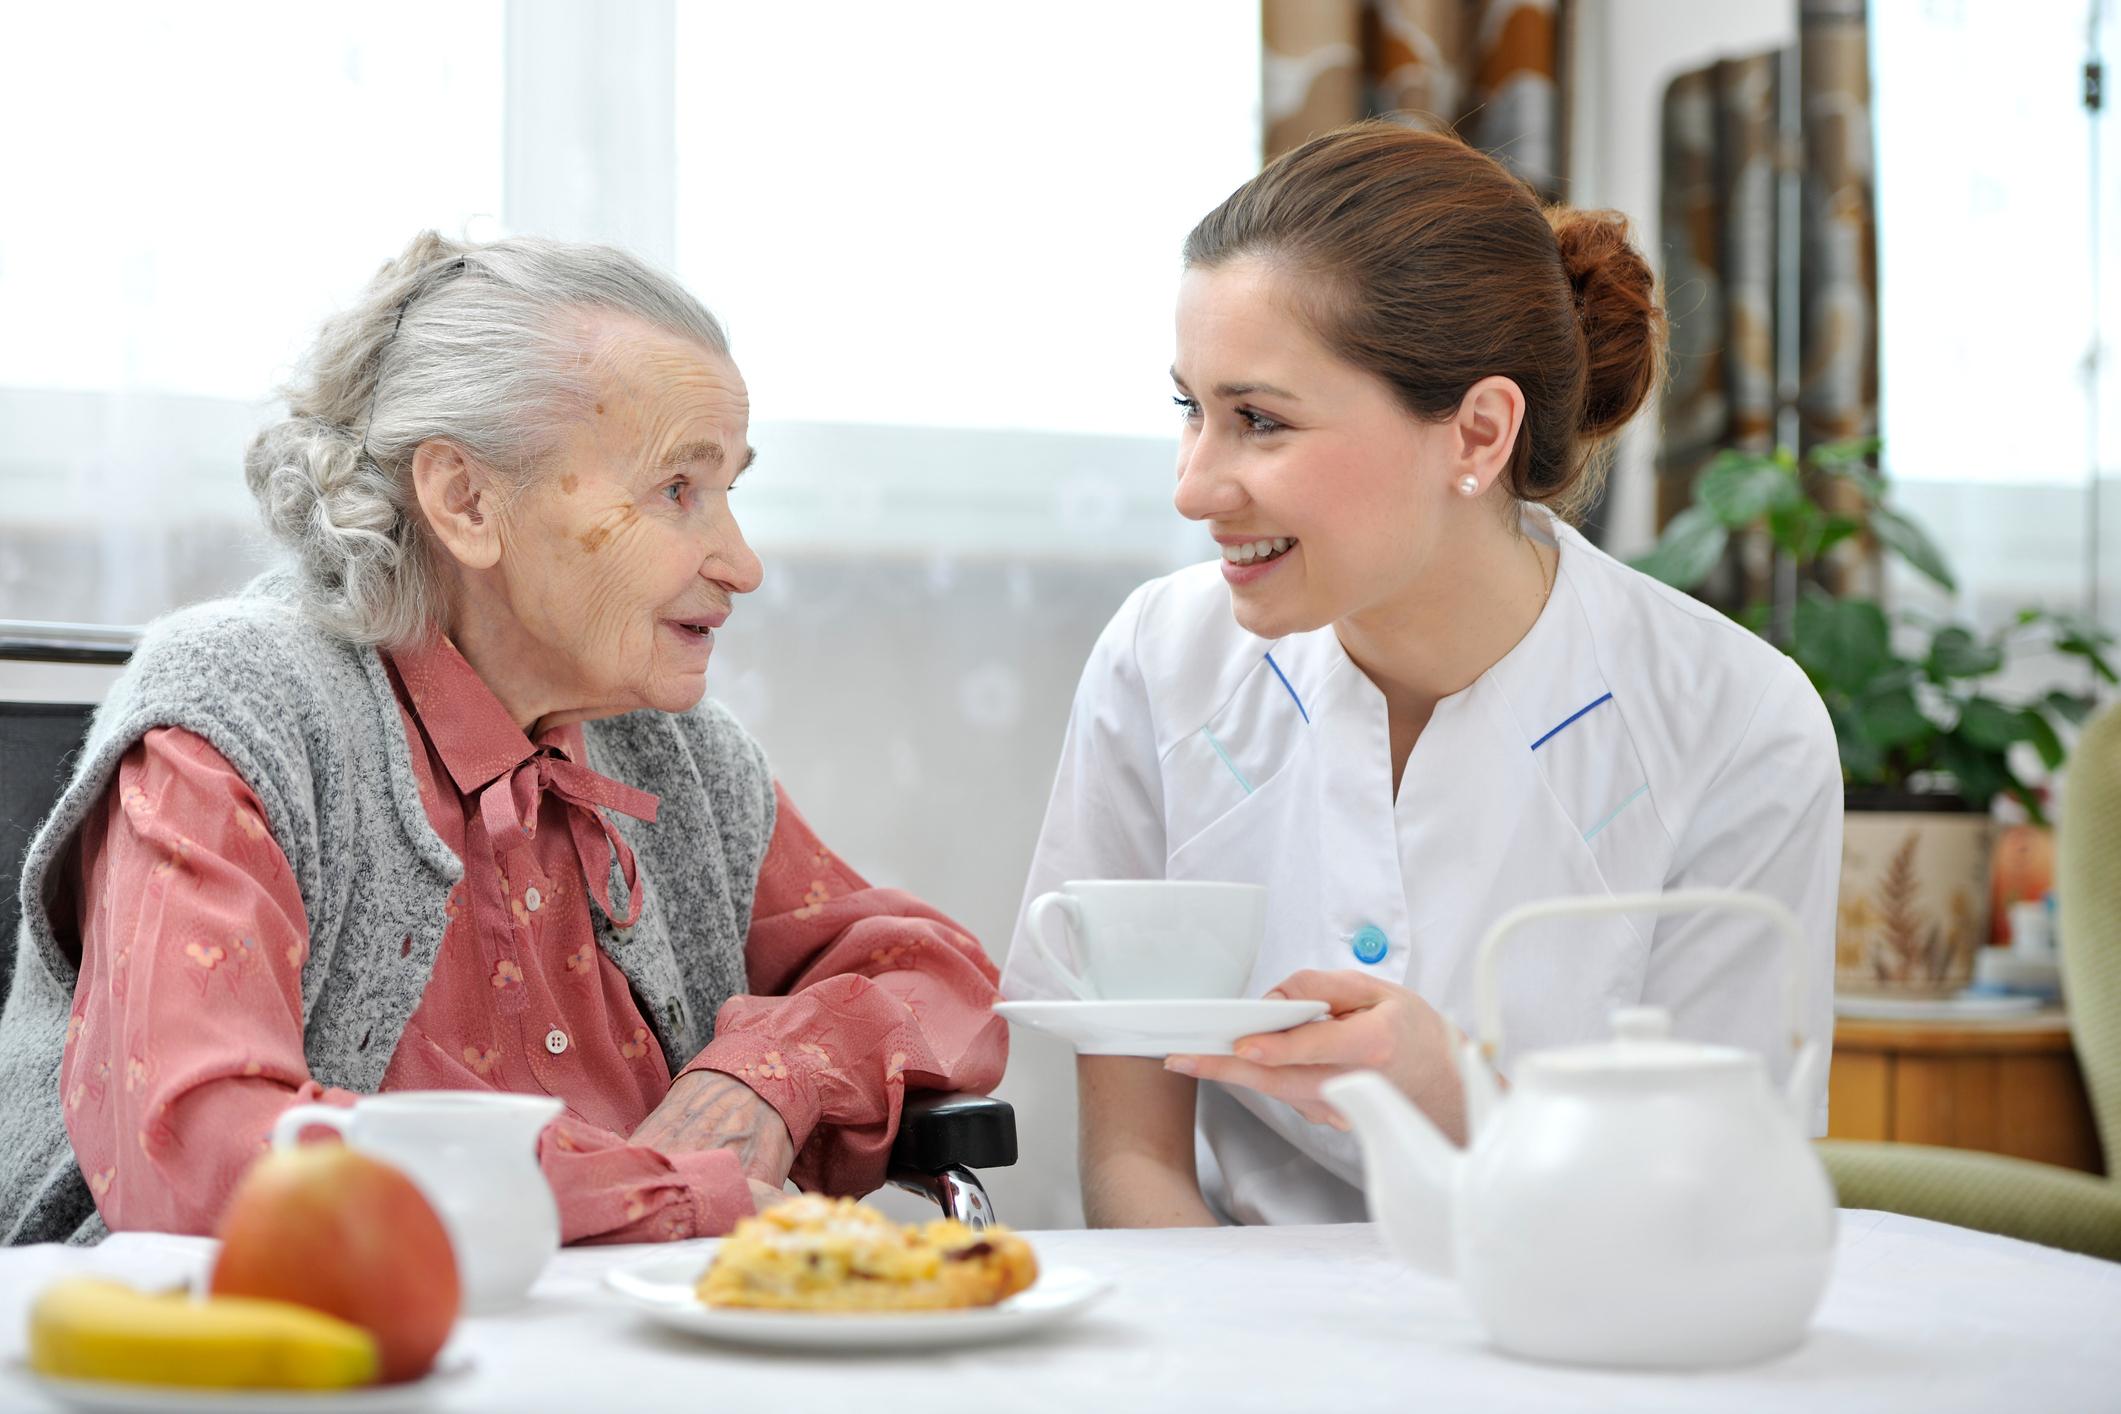 Nurse giving senior woman a cup of tea